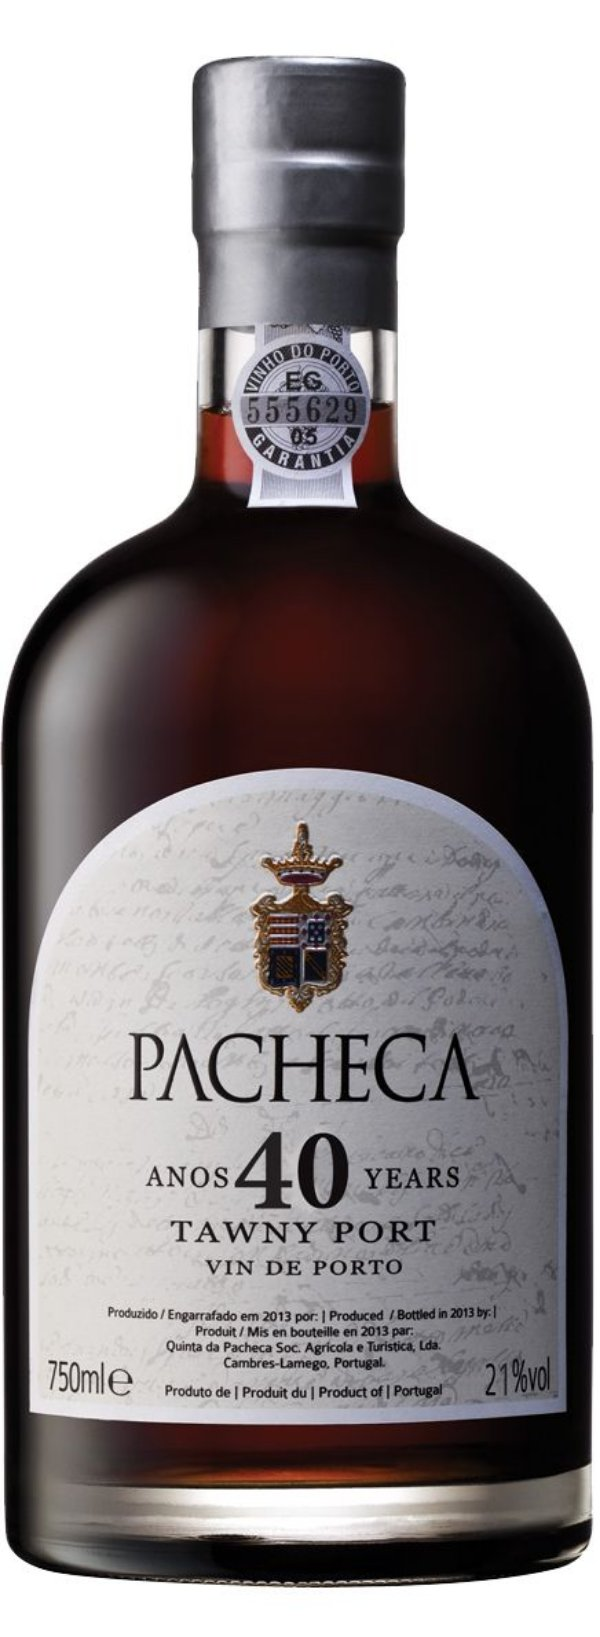 PACHECA TAWNY 40 ANOS VINHO PORTO PORTUGUES 750ML